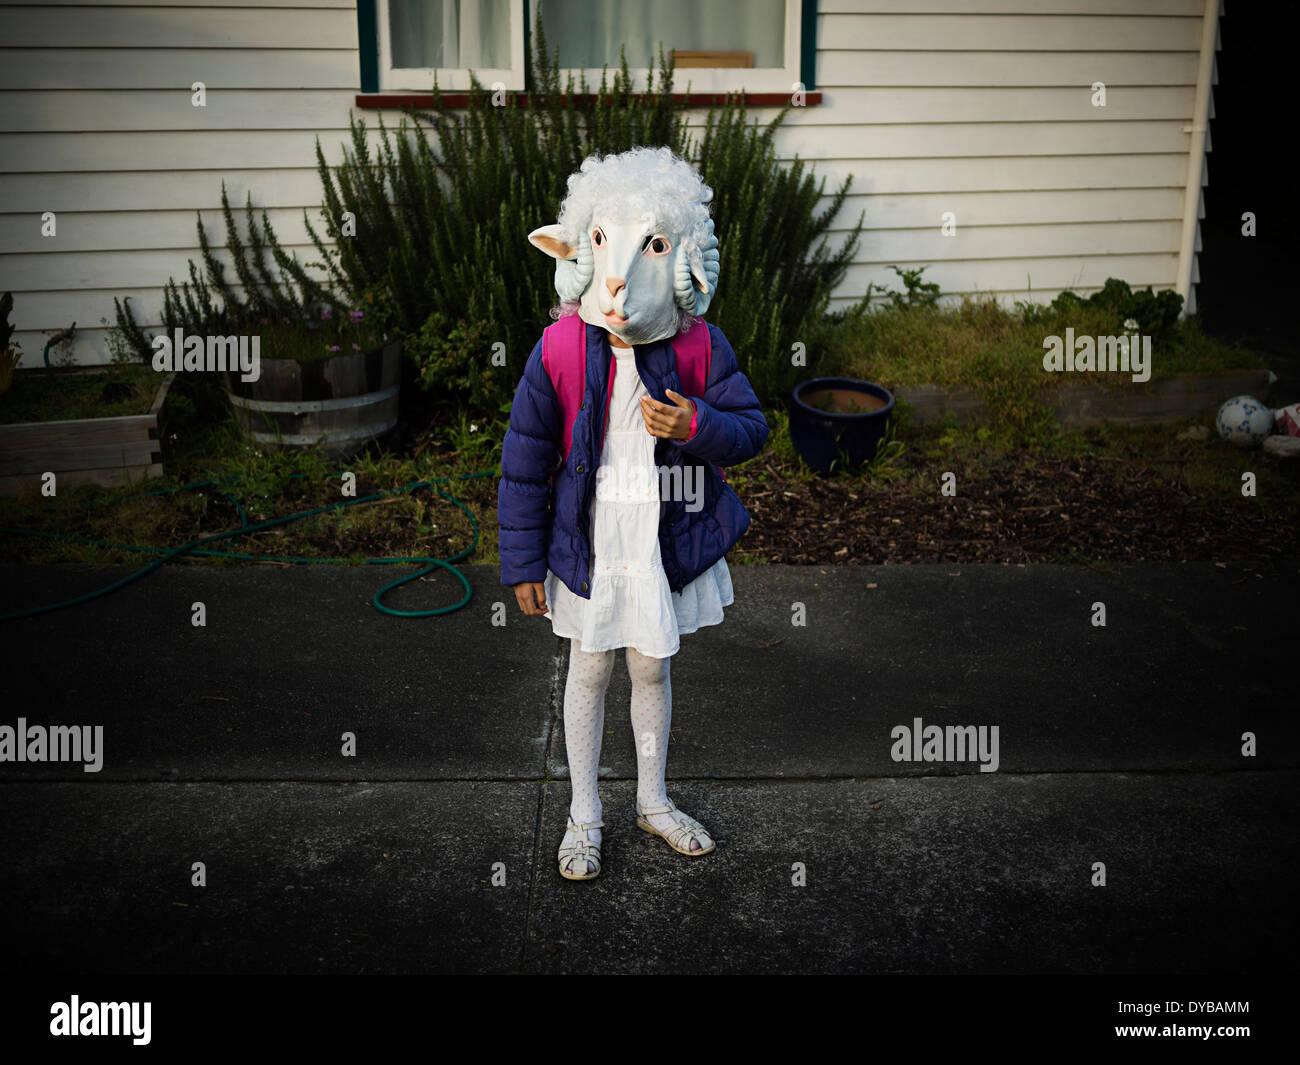 Viste a día en la escuela: Chica juegos fuera de caminar a la escuela vestida como una oveja. Foto de stock